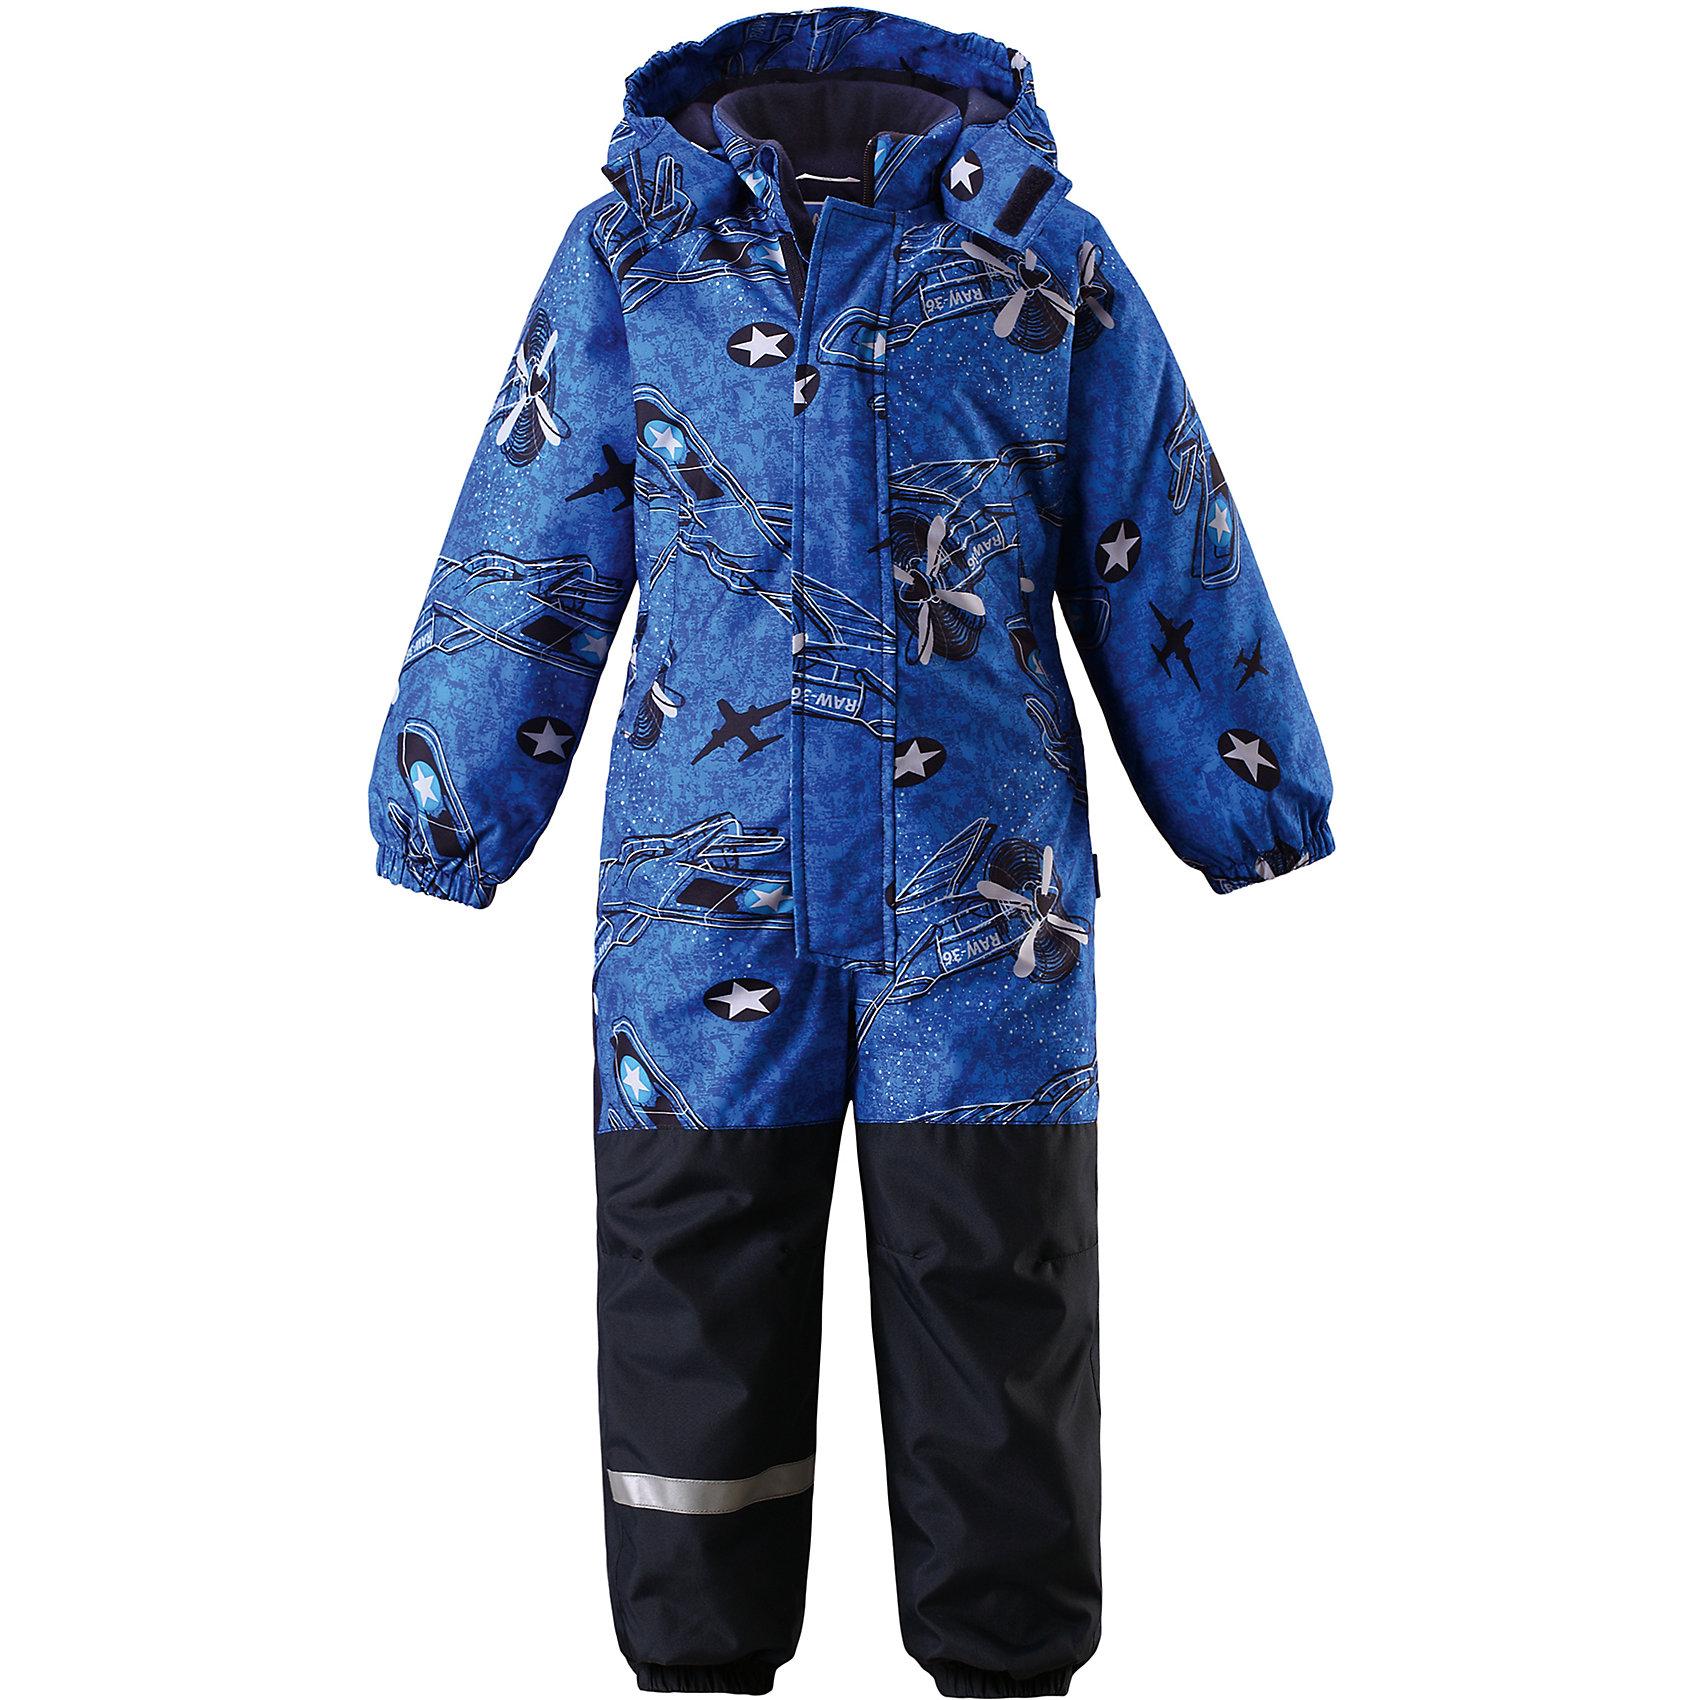 Комбинезон для мальчика LASSIEОдежда<br>Зимний комбинезон для детей известной финской марки.<br><br>Характеристики товара:<br><br>-Вставки из высокопрочного материала в области колен и попы<br>-Два боковых кармана<br>-Температурный режим от 0°до -15°С<br>-Задний средний шов проклеен<br>-Съемный капюшон<br>-Съемные штрипки<br>-Ветрозащита<br>-Состав: 100% полиэстер, мембрана 100% полиуретан<br>-Утеплитель: 100% полиэстер 180г/кв.м<br>-Водонепроницаемость: 1000мм<br>-Сопротивление трению: 50000 оборотов (тест Мартиндейла)<br><br>Рекомендации по уходу: Стирать по отдельности, вывернув наизнанку. Застегнуть молнии и липучки. Соблюдать температуру в соответствии с руководством по уходу. Стирать моющим средством, не содержащим отбеливающие вещества. Полоскать без специального средства. Сушение в сушильном шкафу разрешено при  низкой температуре.<br><br>Состав: 100% Полиамид, полиуретановое покрытие.  Утеплитель «Lassie wadding» 180гр.<br><br>Ширина мм: 356<br>Глубина мм: 10<br>Высота мм: 245<br>Вес г: 519<br>Цвет: синий<br>Возраст от месяцев: 12<br>Возраст до месяцев: 15<br>Пол: Мужской<br>Возраст: Детский<br>Размер: 80,128,86,92,98,104,110,116,122<br>SKU: 4782008